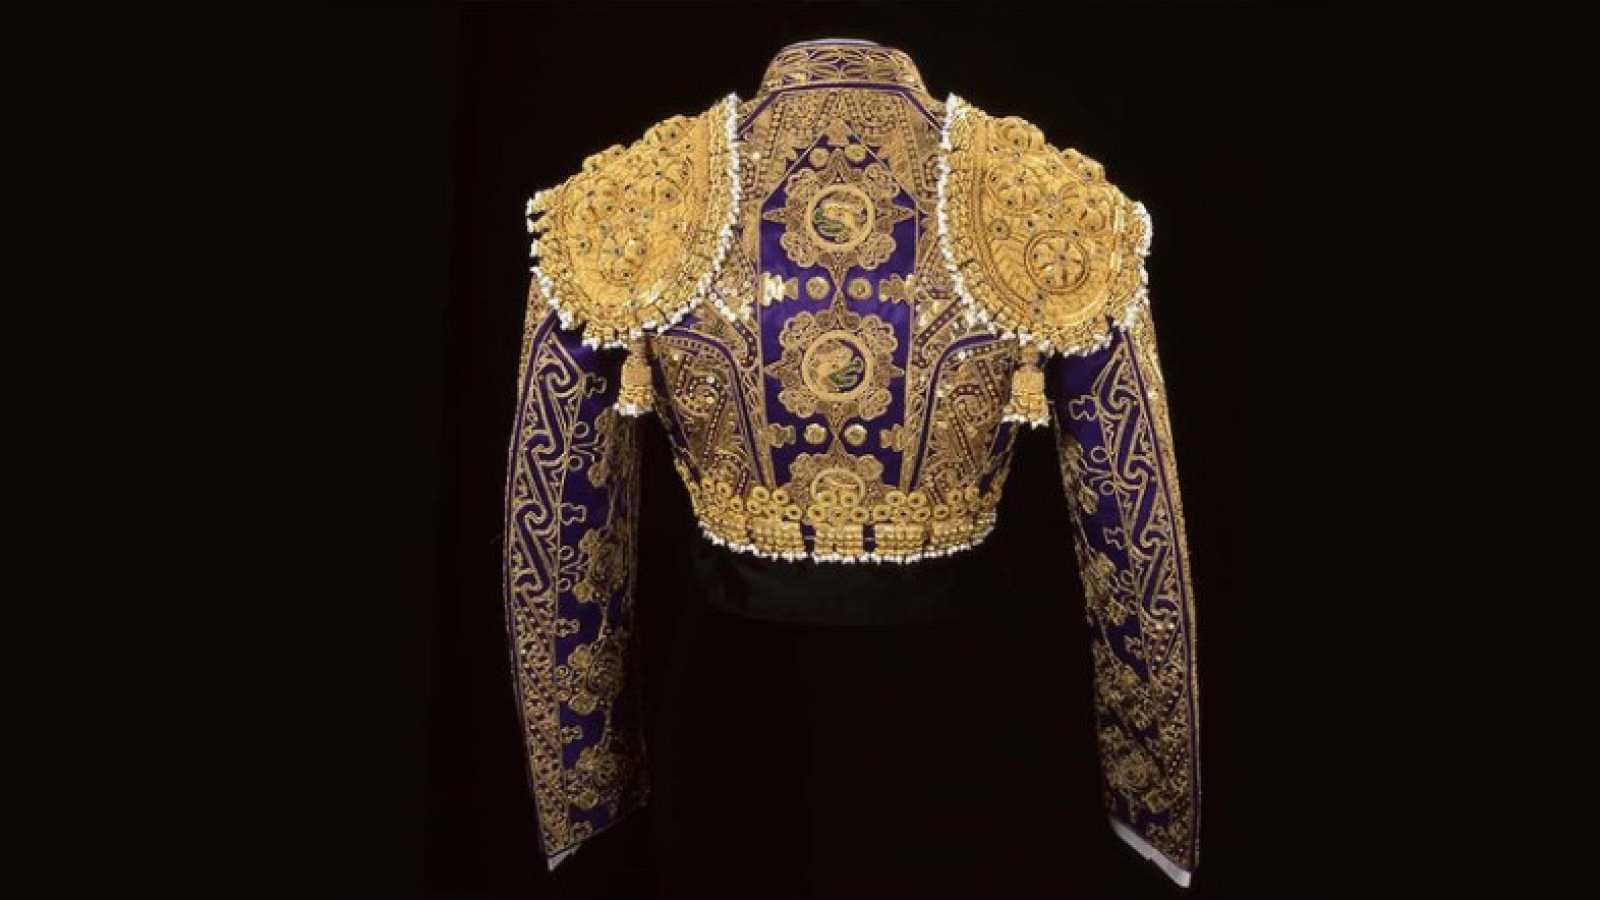 Marca España - Tradición y artesanía del traje de luces - 19/02/21 - escuchar ahora